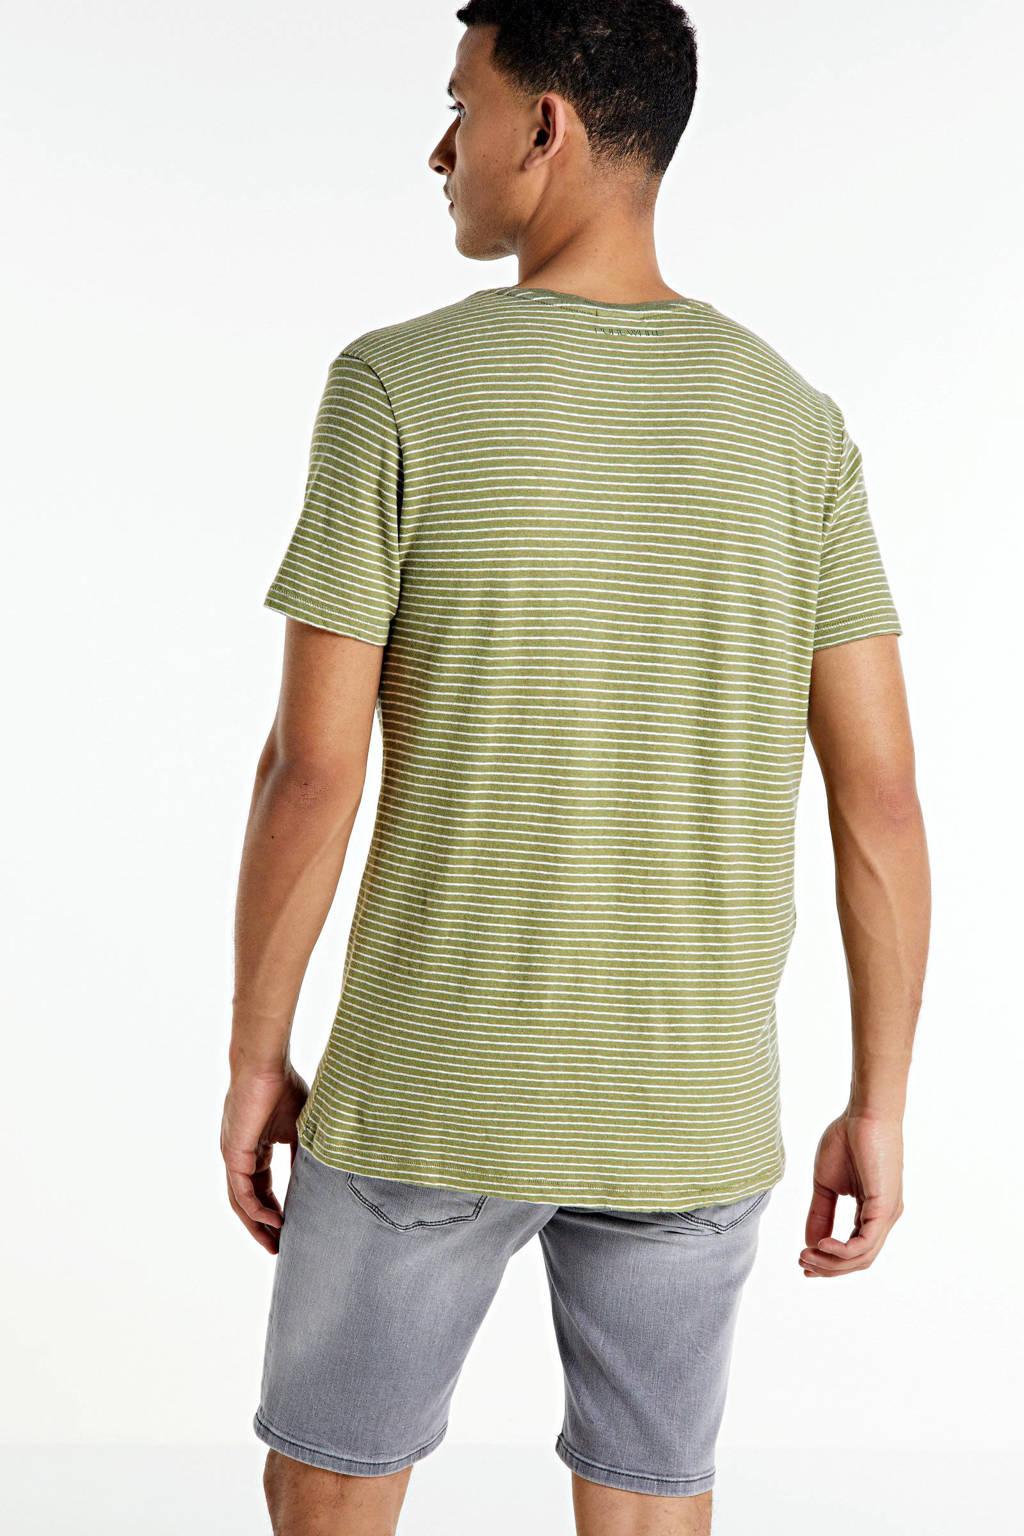 Purewhite gestreept T-shirt groen, Groen